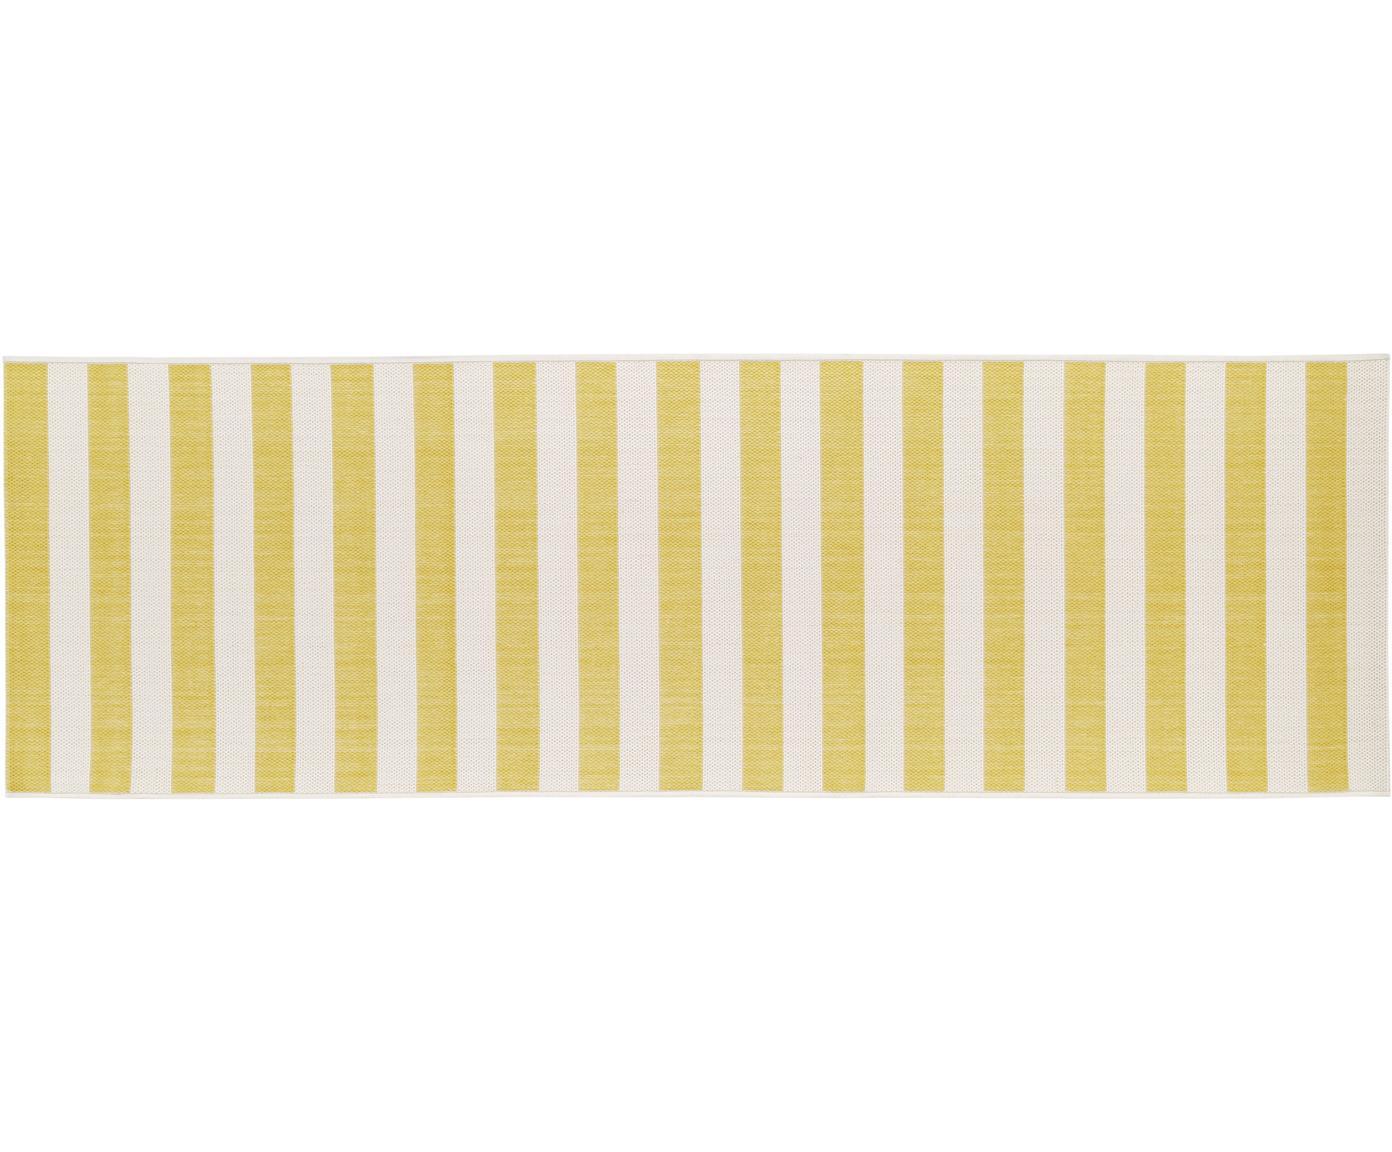 Chodnik wewnętrzny/zewnętrzny Axa, Kremowobiały, żółty, S 80 x D 250 cm